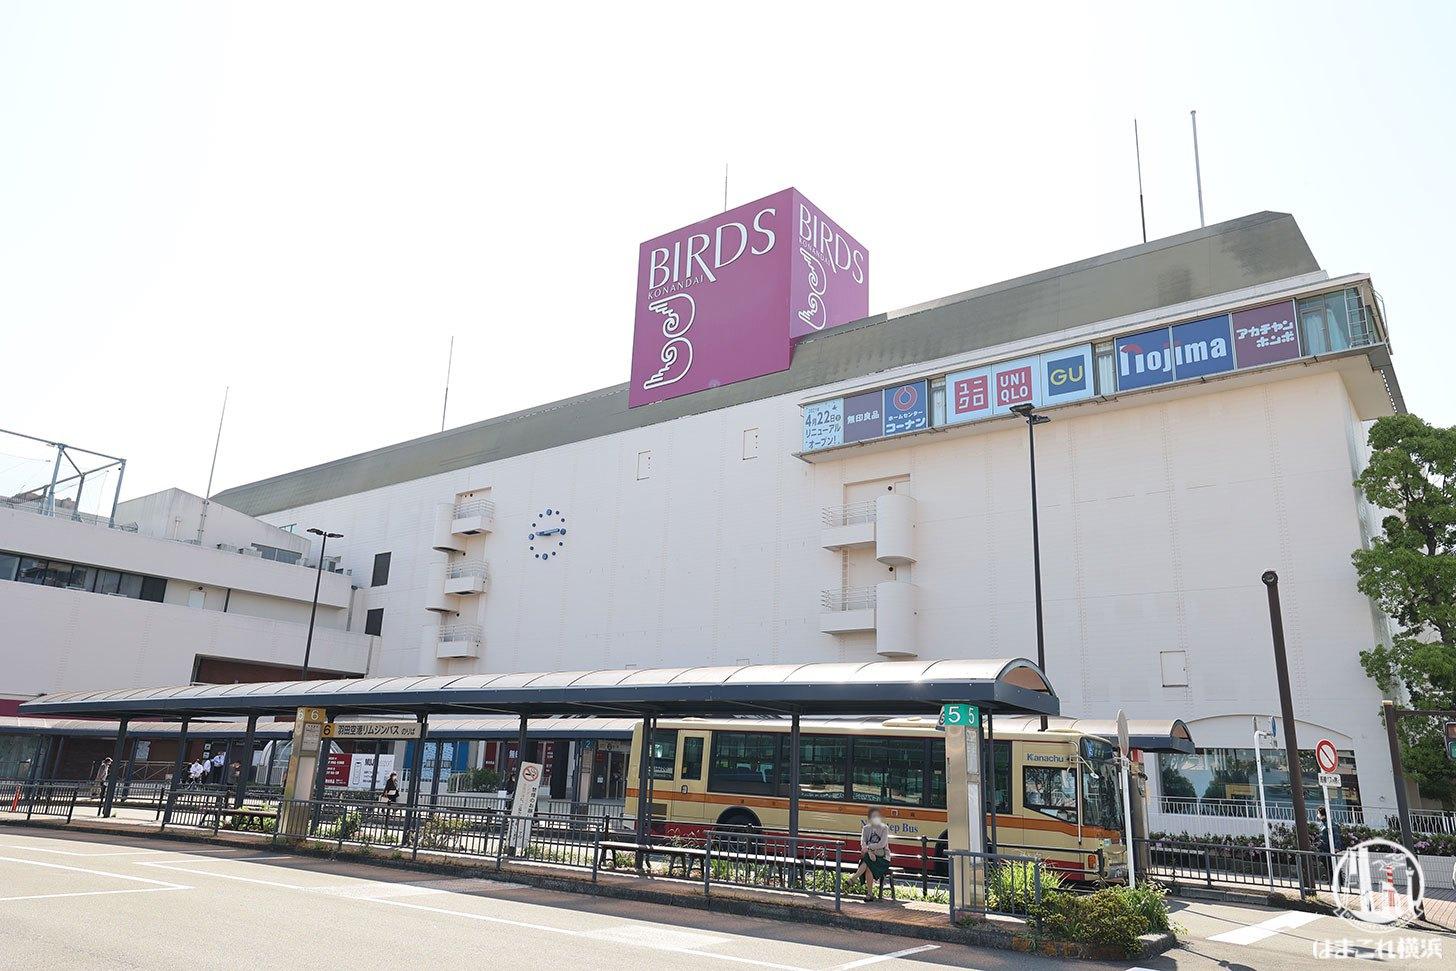 横浜・港南台バーズお披露目!リニューアルで誕生した店舗や屋上遊び場など現地レポ